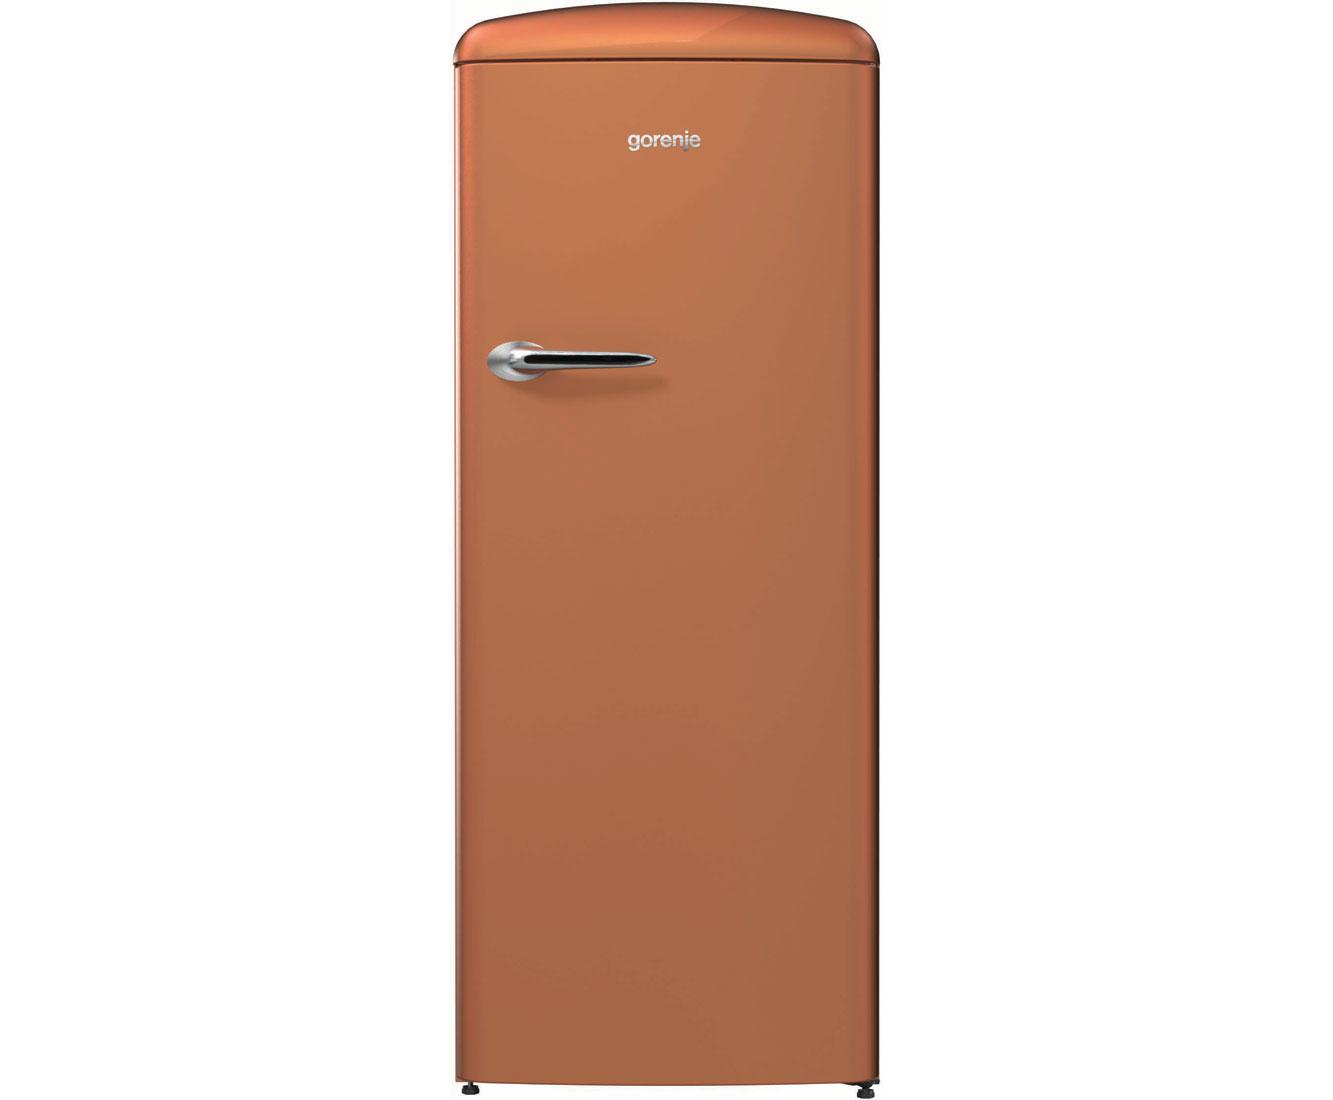 Gorenje Kühlschrank Ion Air : Gorenje oldtimer orb cr kühlschrank mit gefrierfach braun